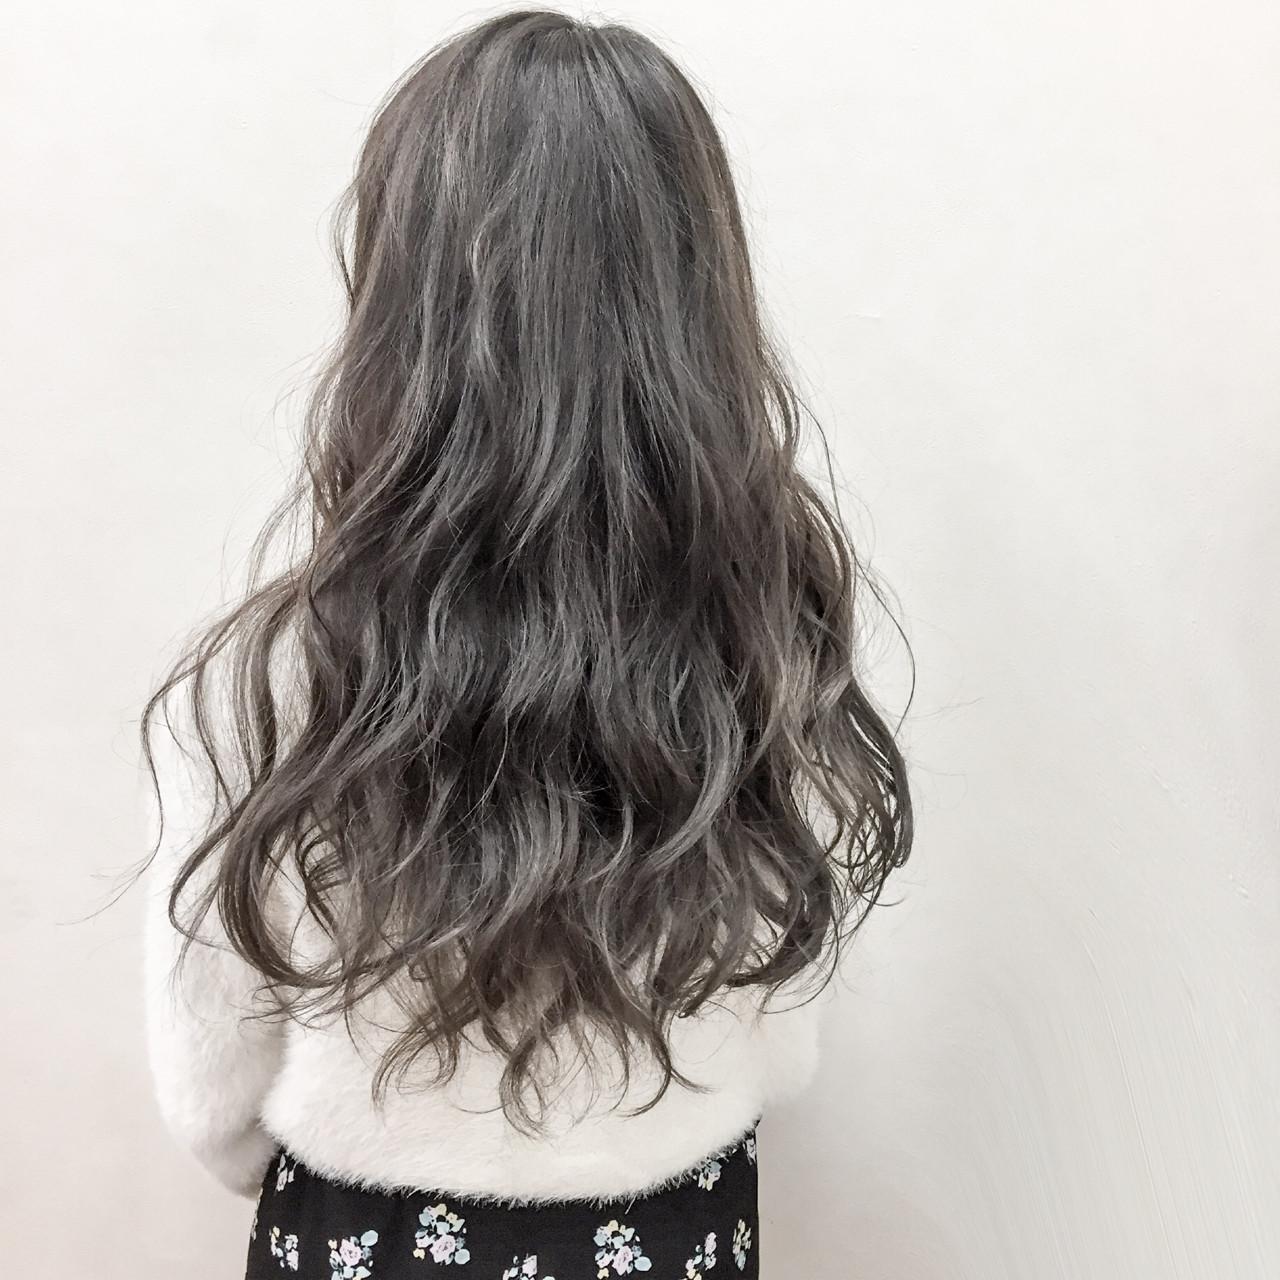 アンニュイ エレガント グレージュ 上品 ヘアスタイルや髪型の写真・画像